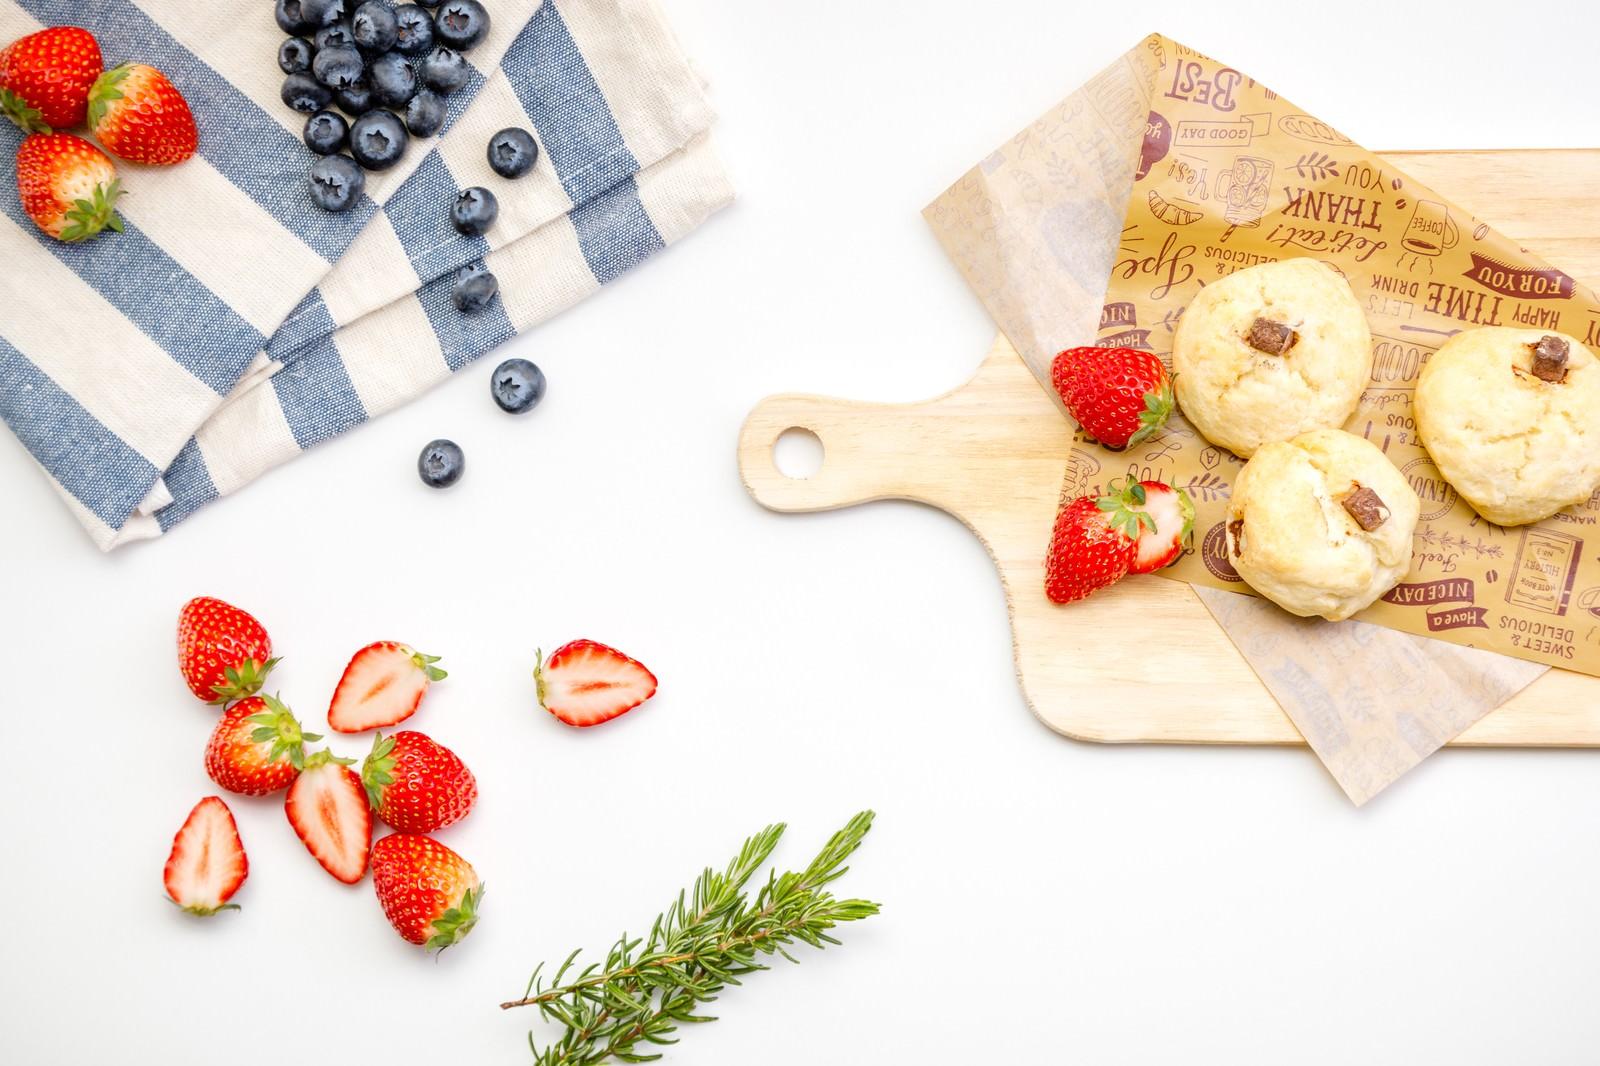 「スコーンとフルーツ(ブルーベリーと苺)スコーンとフルーツ(ブルーベリーと苺)」のフリー写真素材を拡大